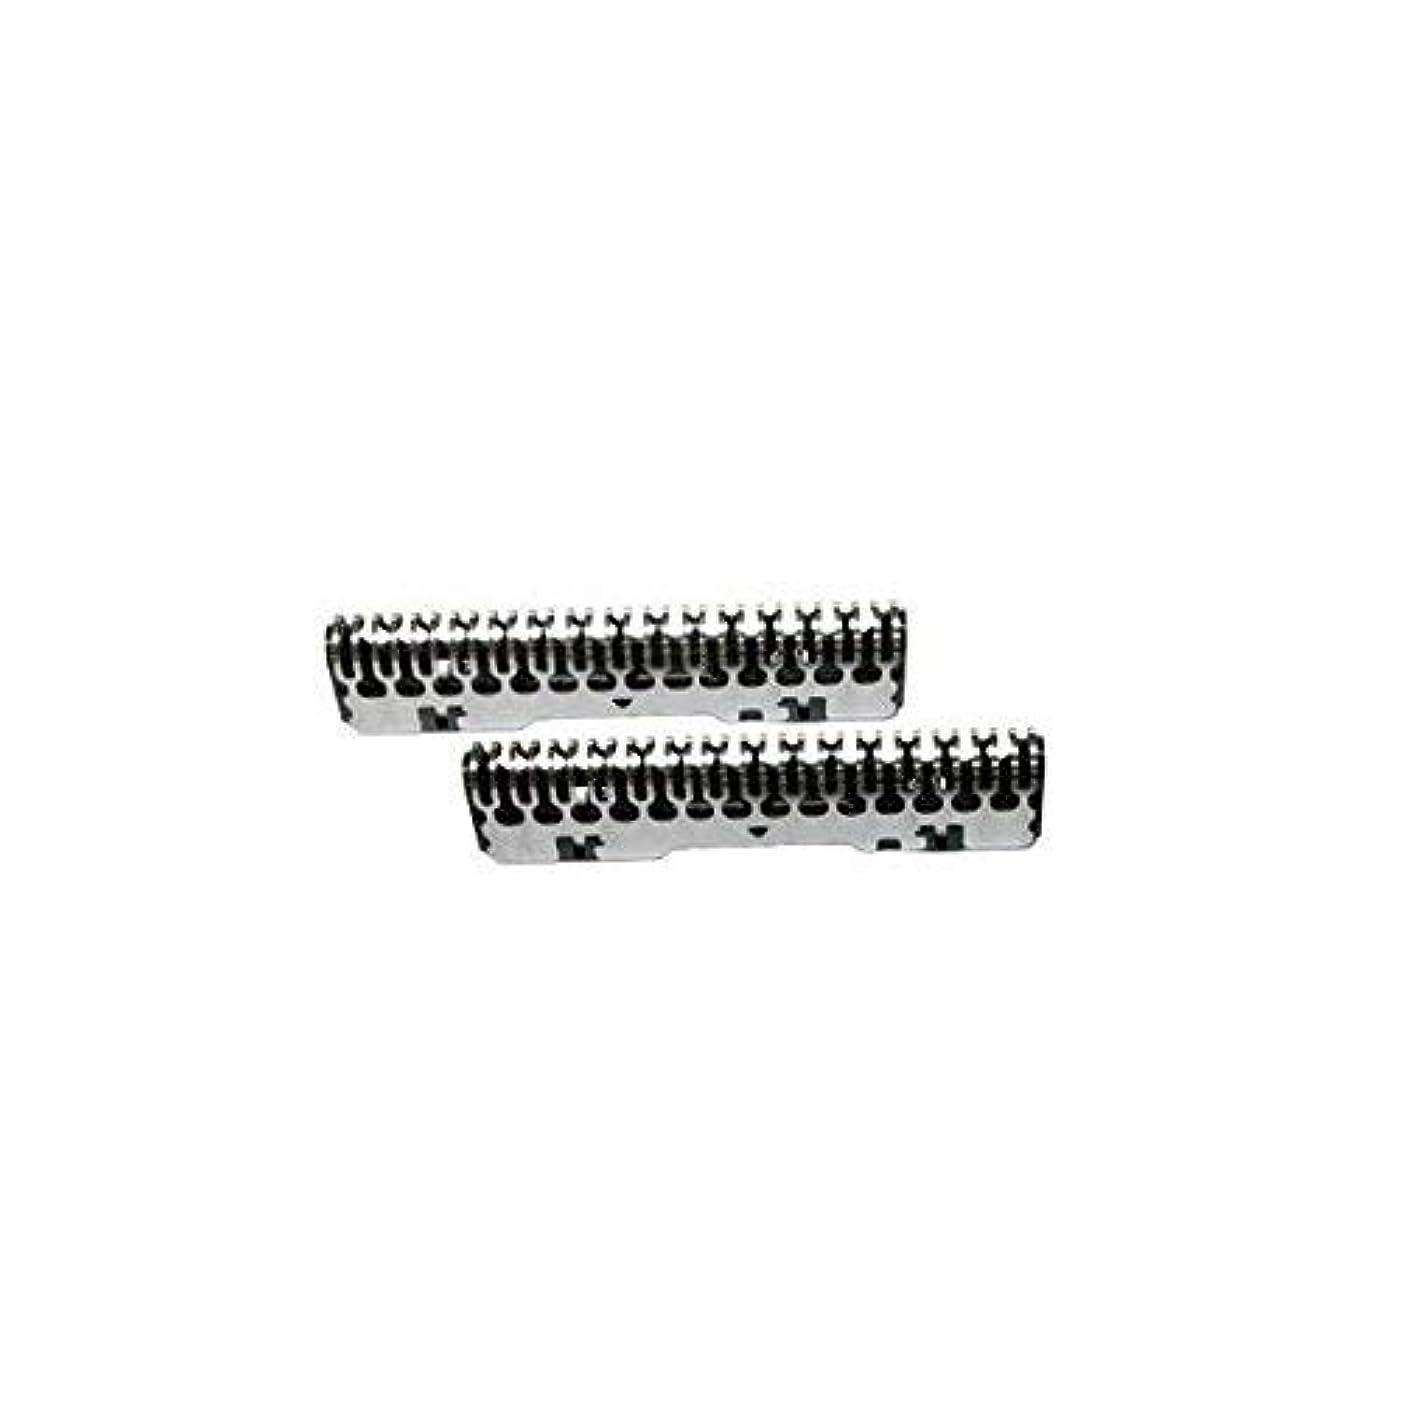 マーティンルーサーキングジュニアなる引き金イズミ 交換用替刃(内刃)IZUMI SI-V65